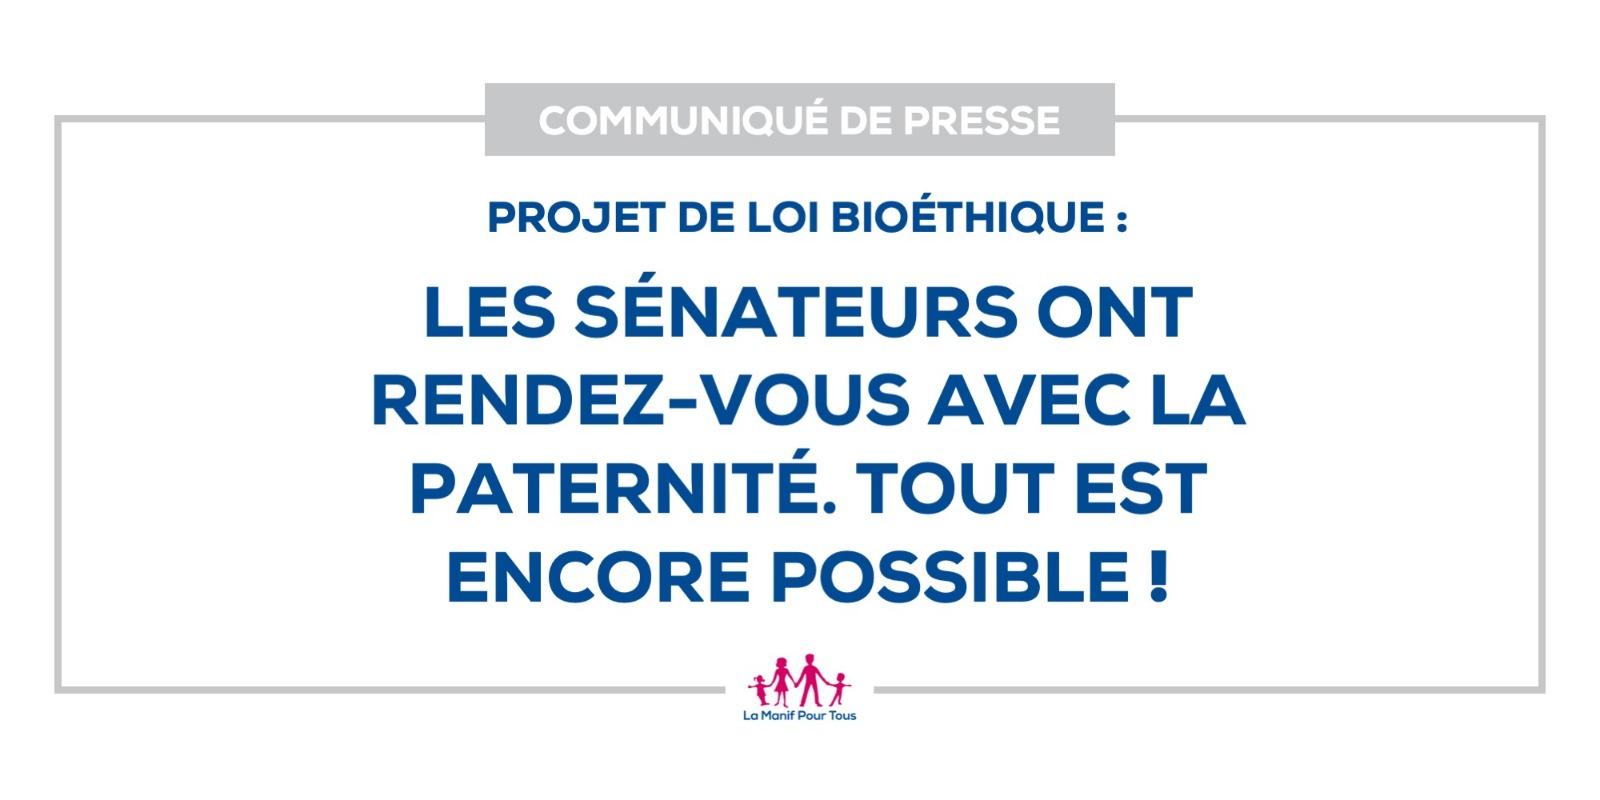 Image - Communiqué – Projet de loi bioéthique : les sénateurs ont rendez-vous avec la paternité. Tout est encore possible !